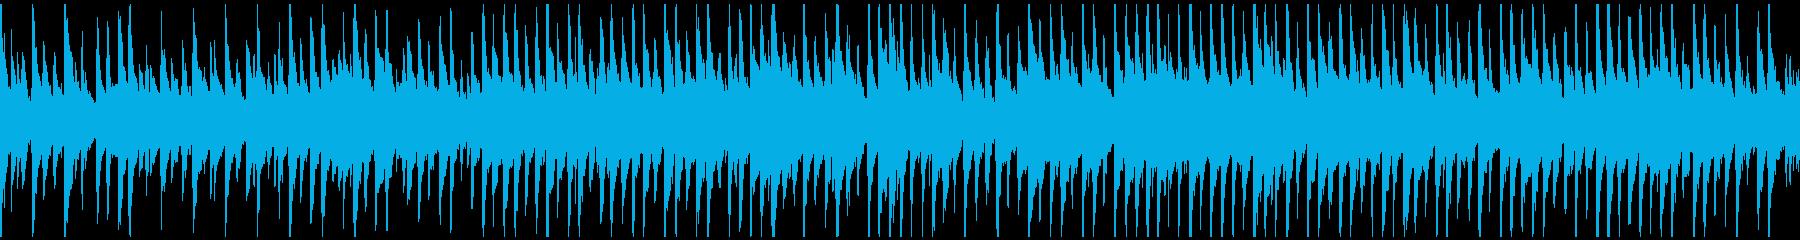 しっとり系のウクレレ曲 ※ループ仕様版の再生済みの波形